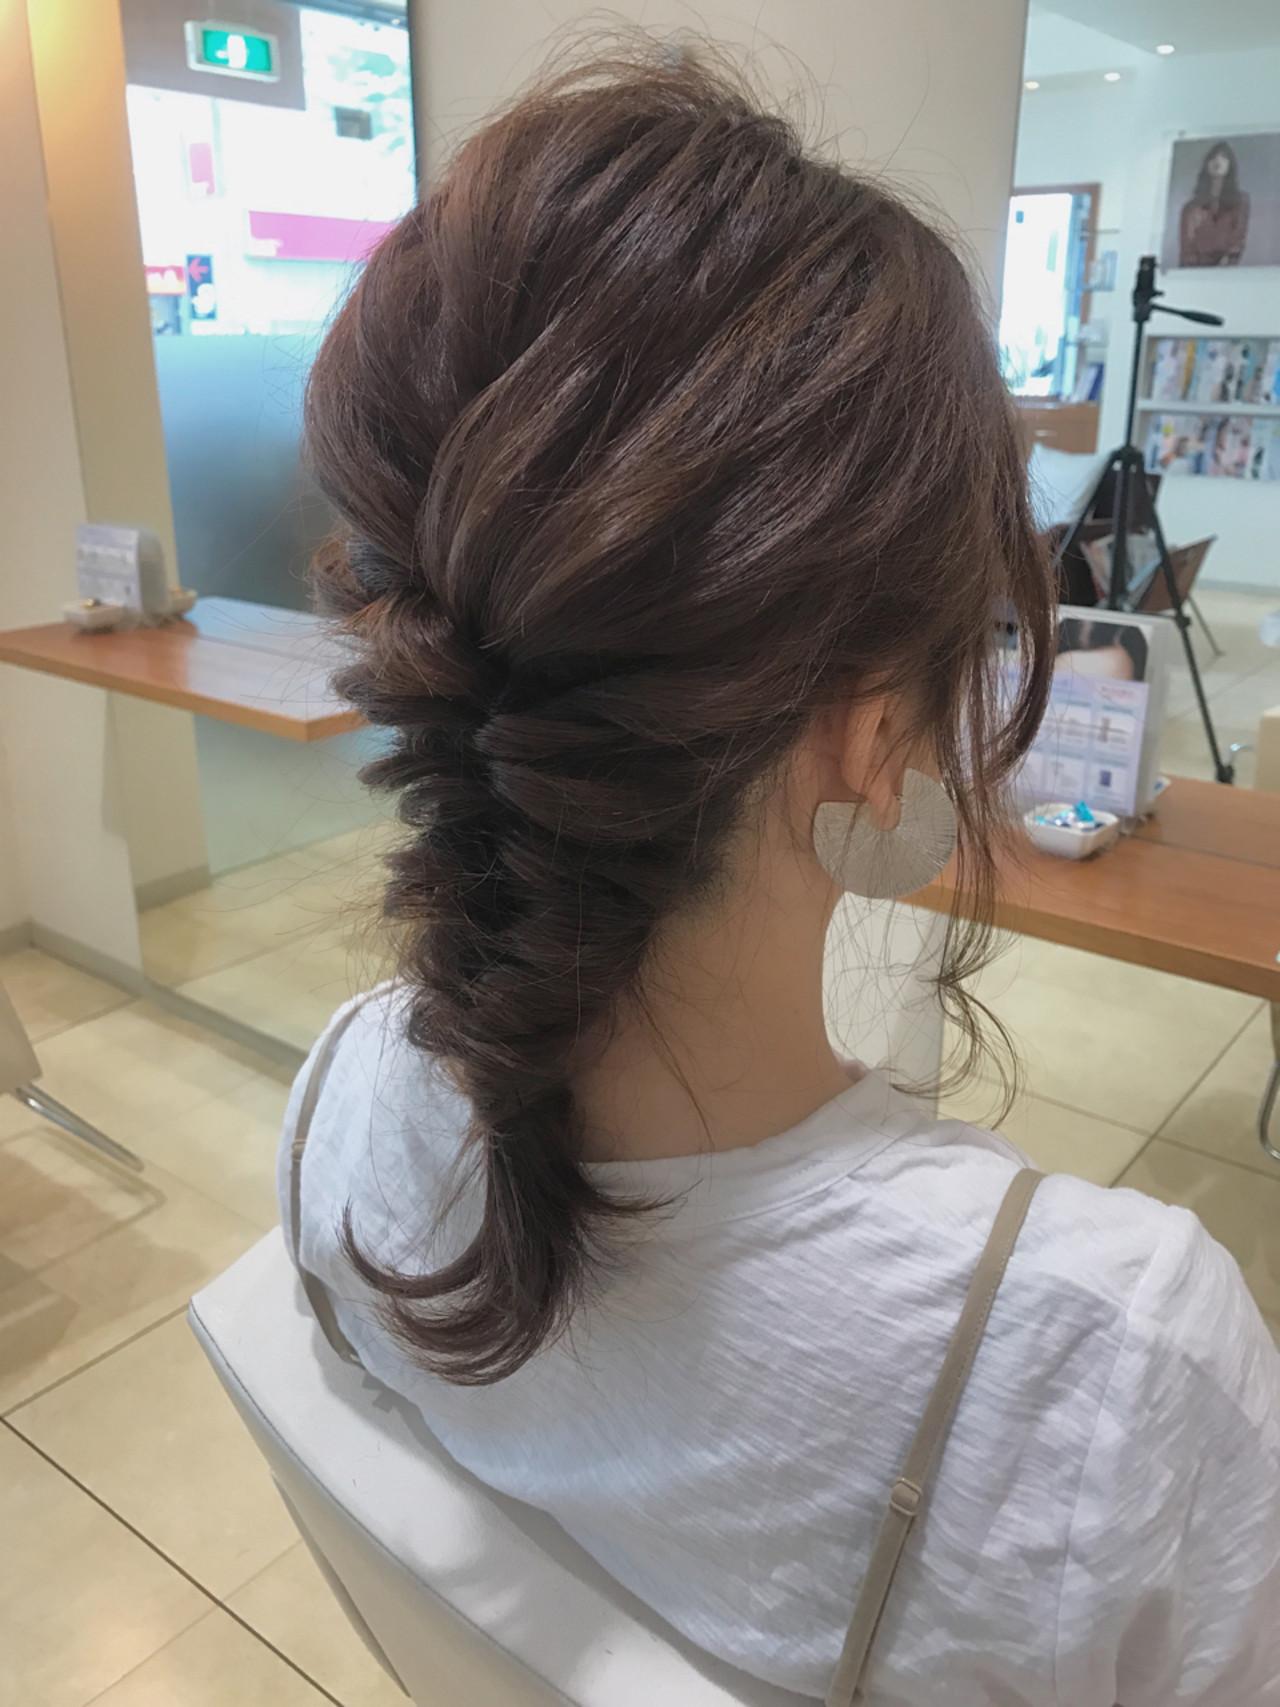 アンニュイ セミロング 簡単ヘアアレンジ 結婚式 ヘアスタイルや髪型の写真・画像 | 小田 孝一 / Oase makoto brands